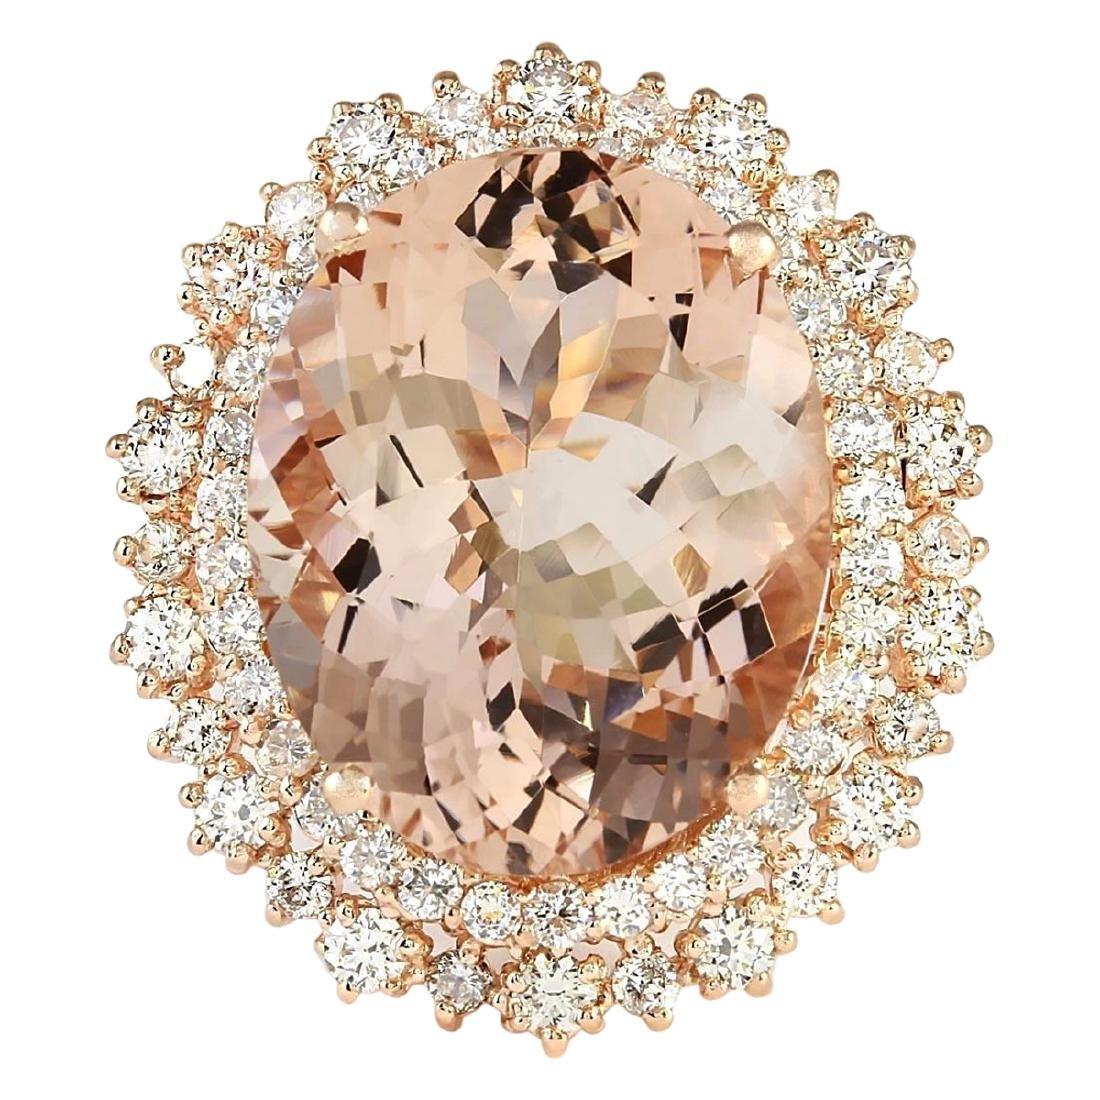 15.56 CTW Natural Morganite And Diamond Ring In 18K